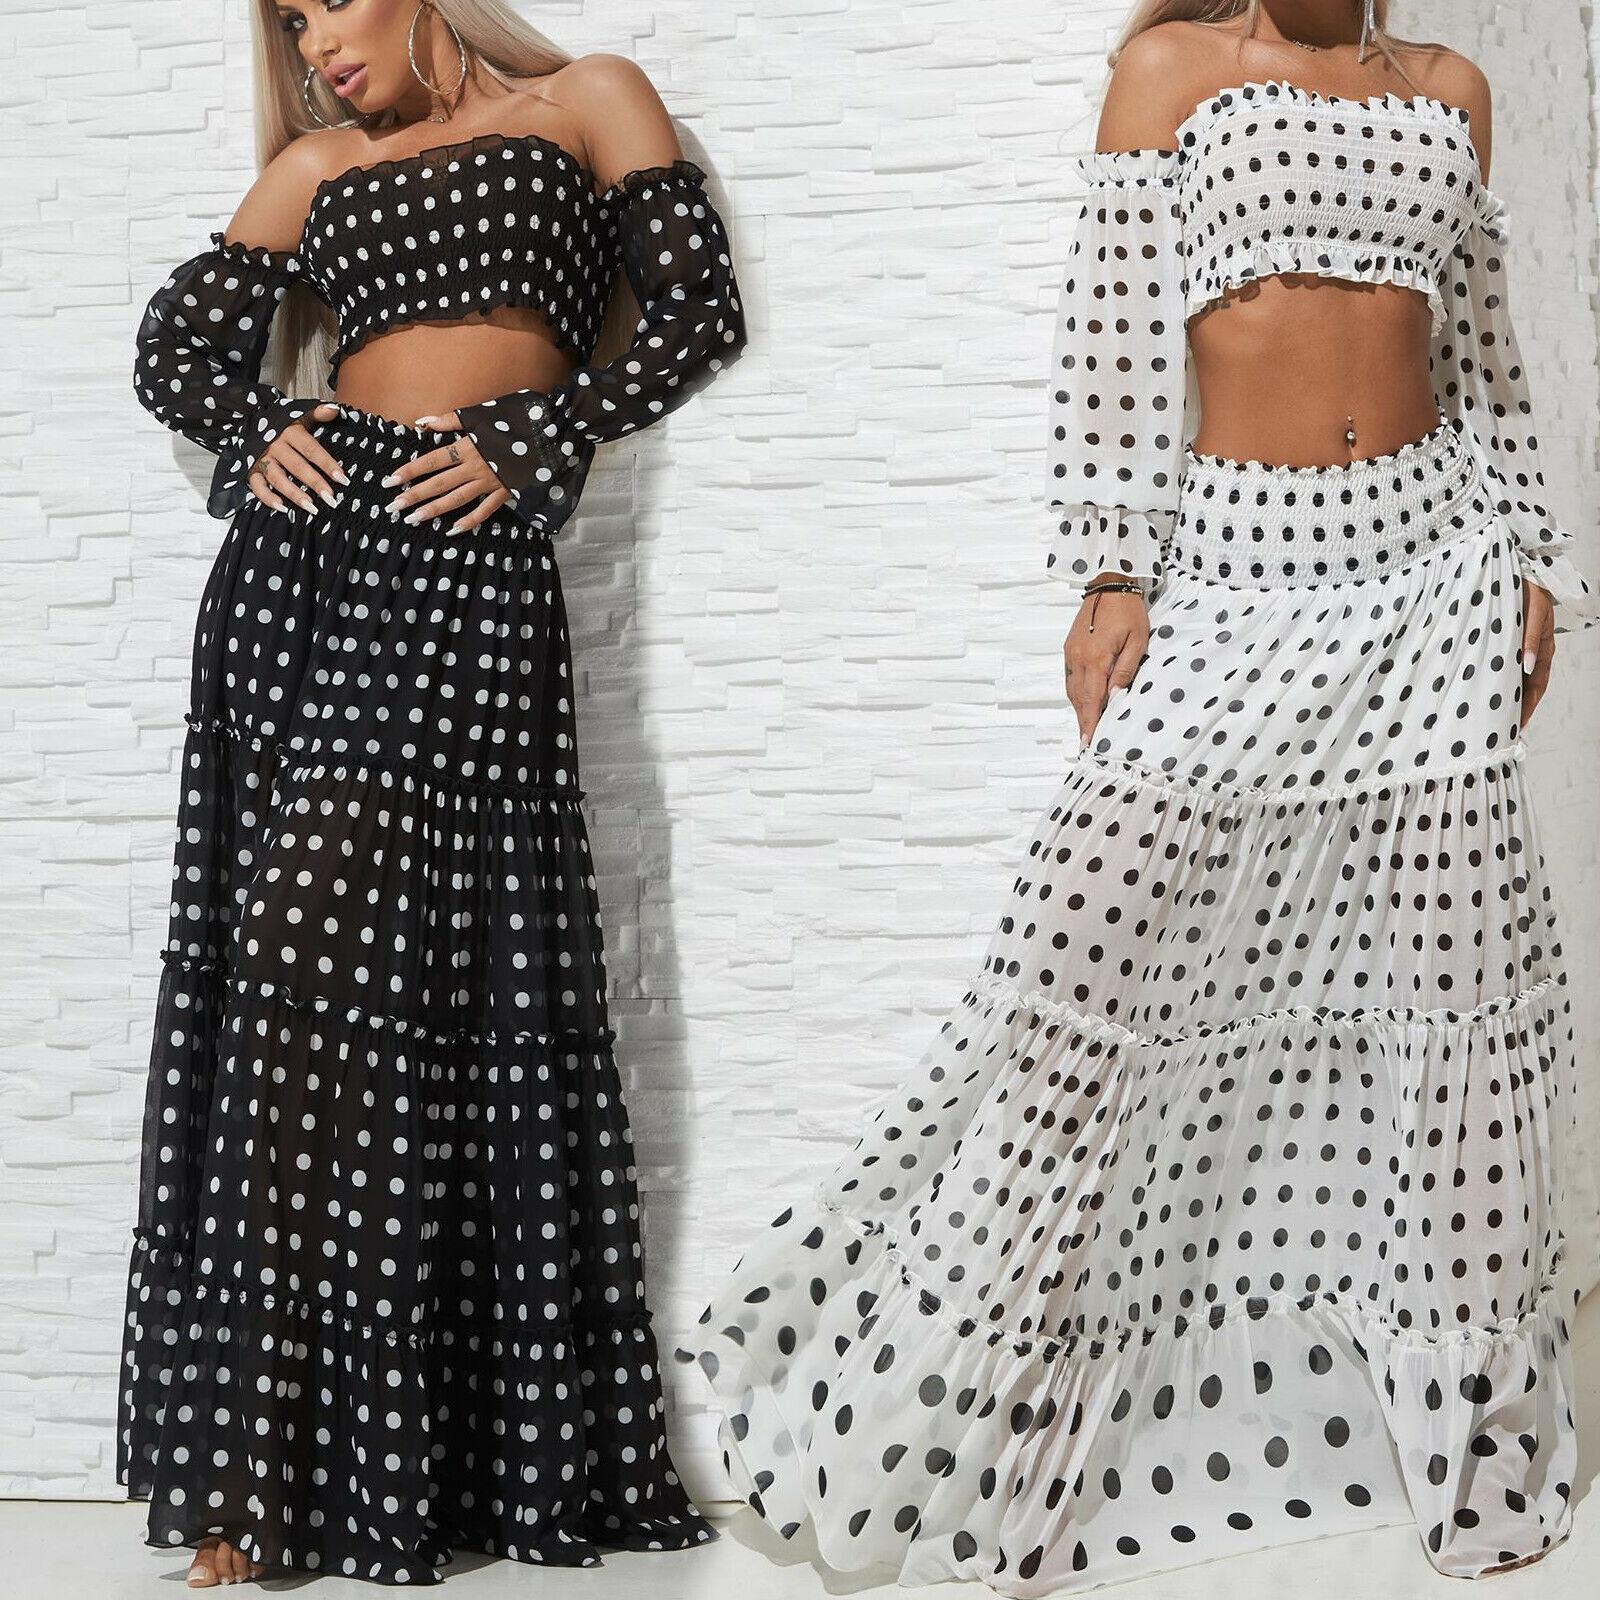 By  Alina Falda de Mujer + Camiseta Top Maxi 2-Teiler Set Negro blancoo 34-38  marca en liquidación de venta